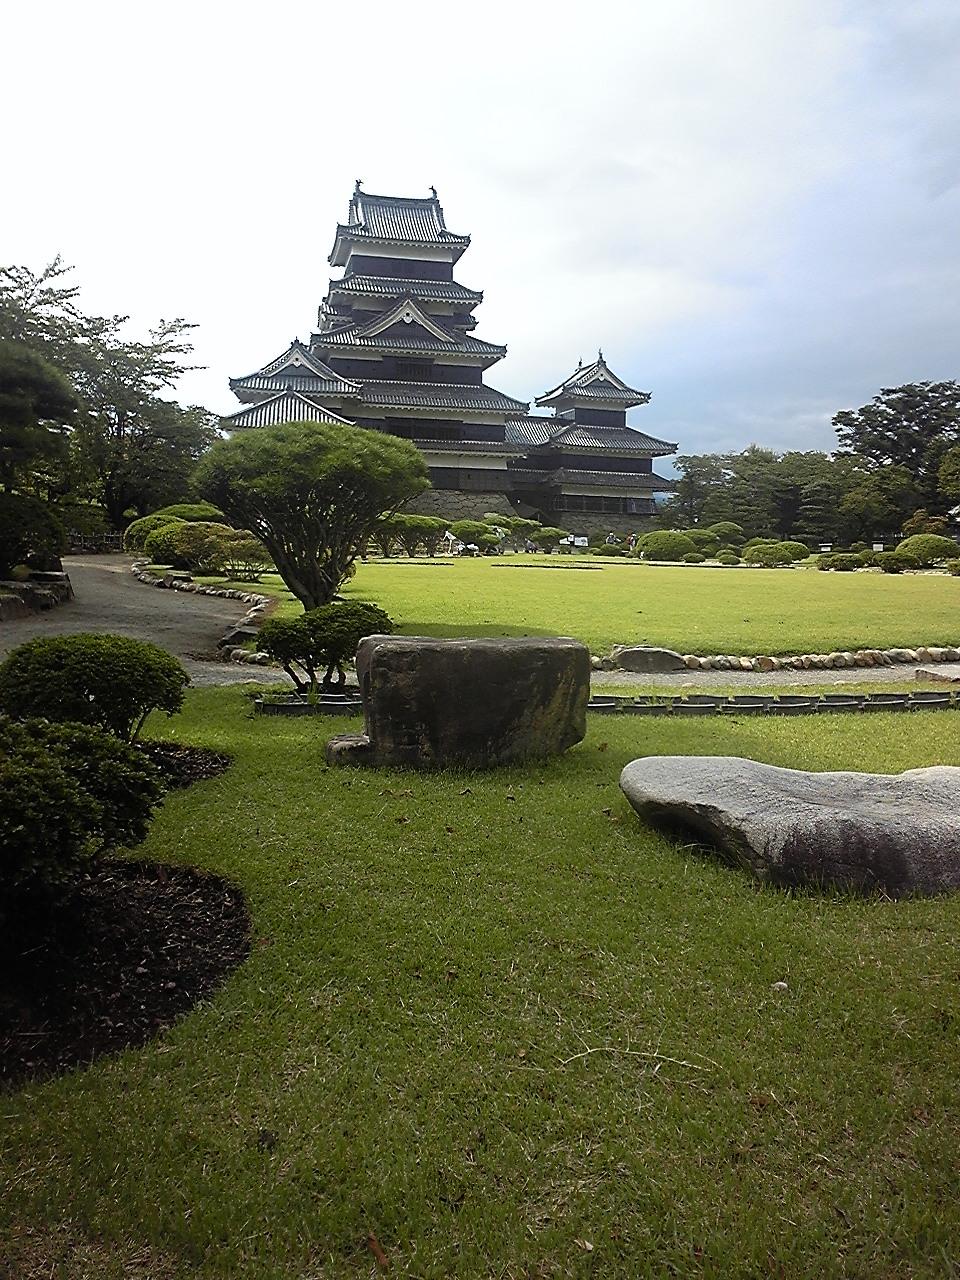 松本城の天守閣保存に尽力した人達